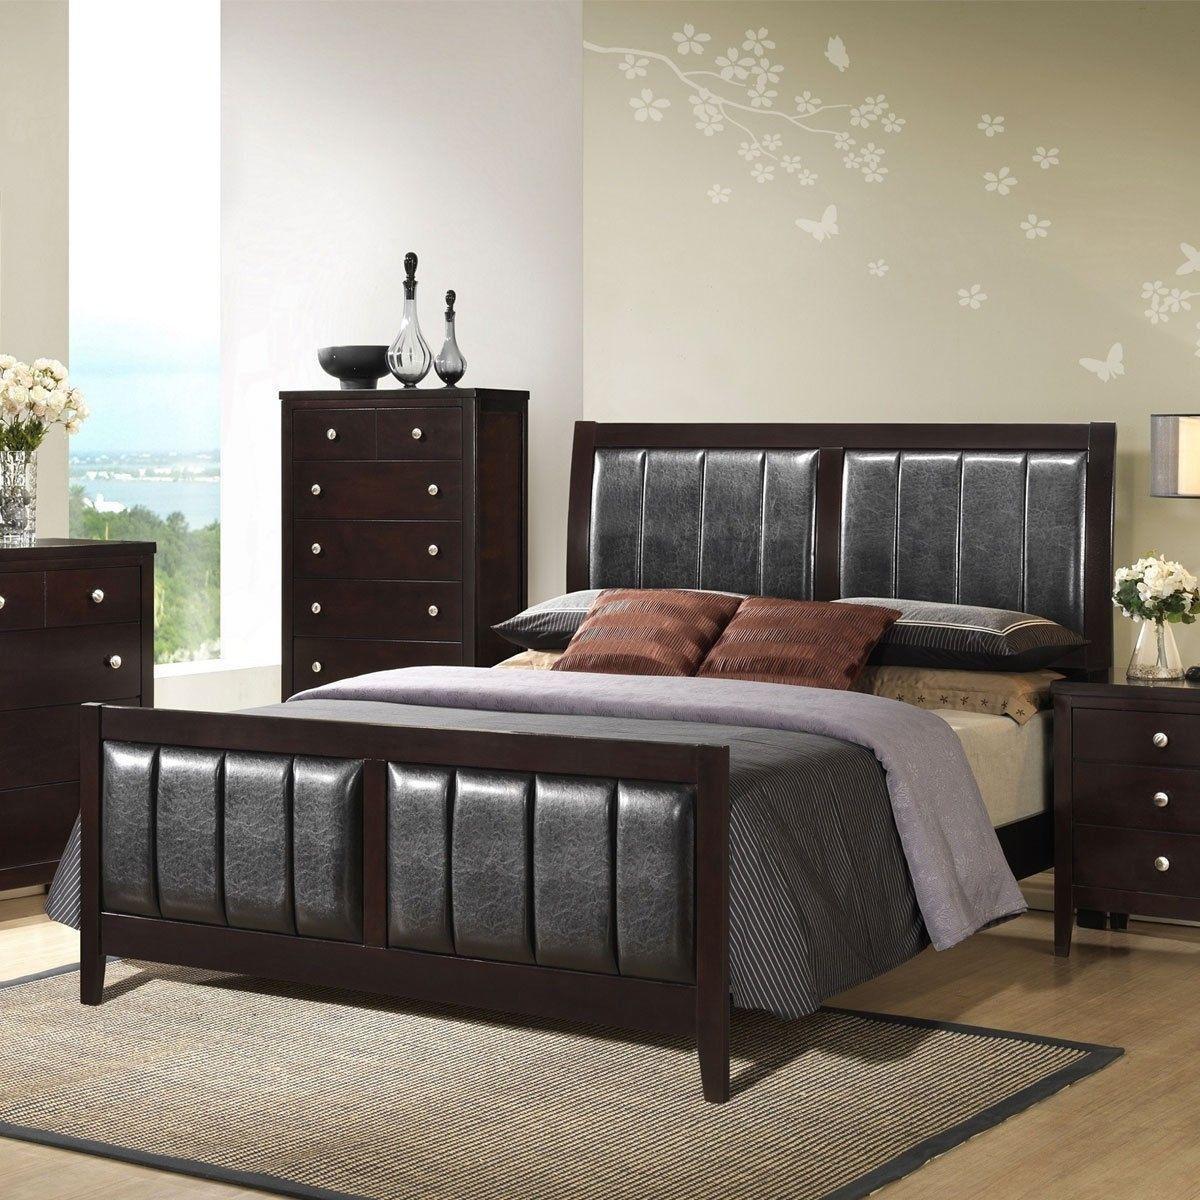 Tall Headboard Upholstered Platform Bed Frame Bedroom